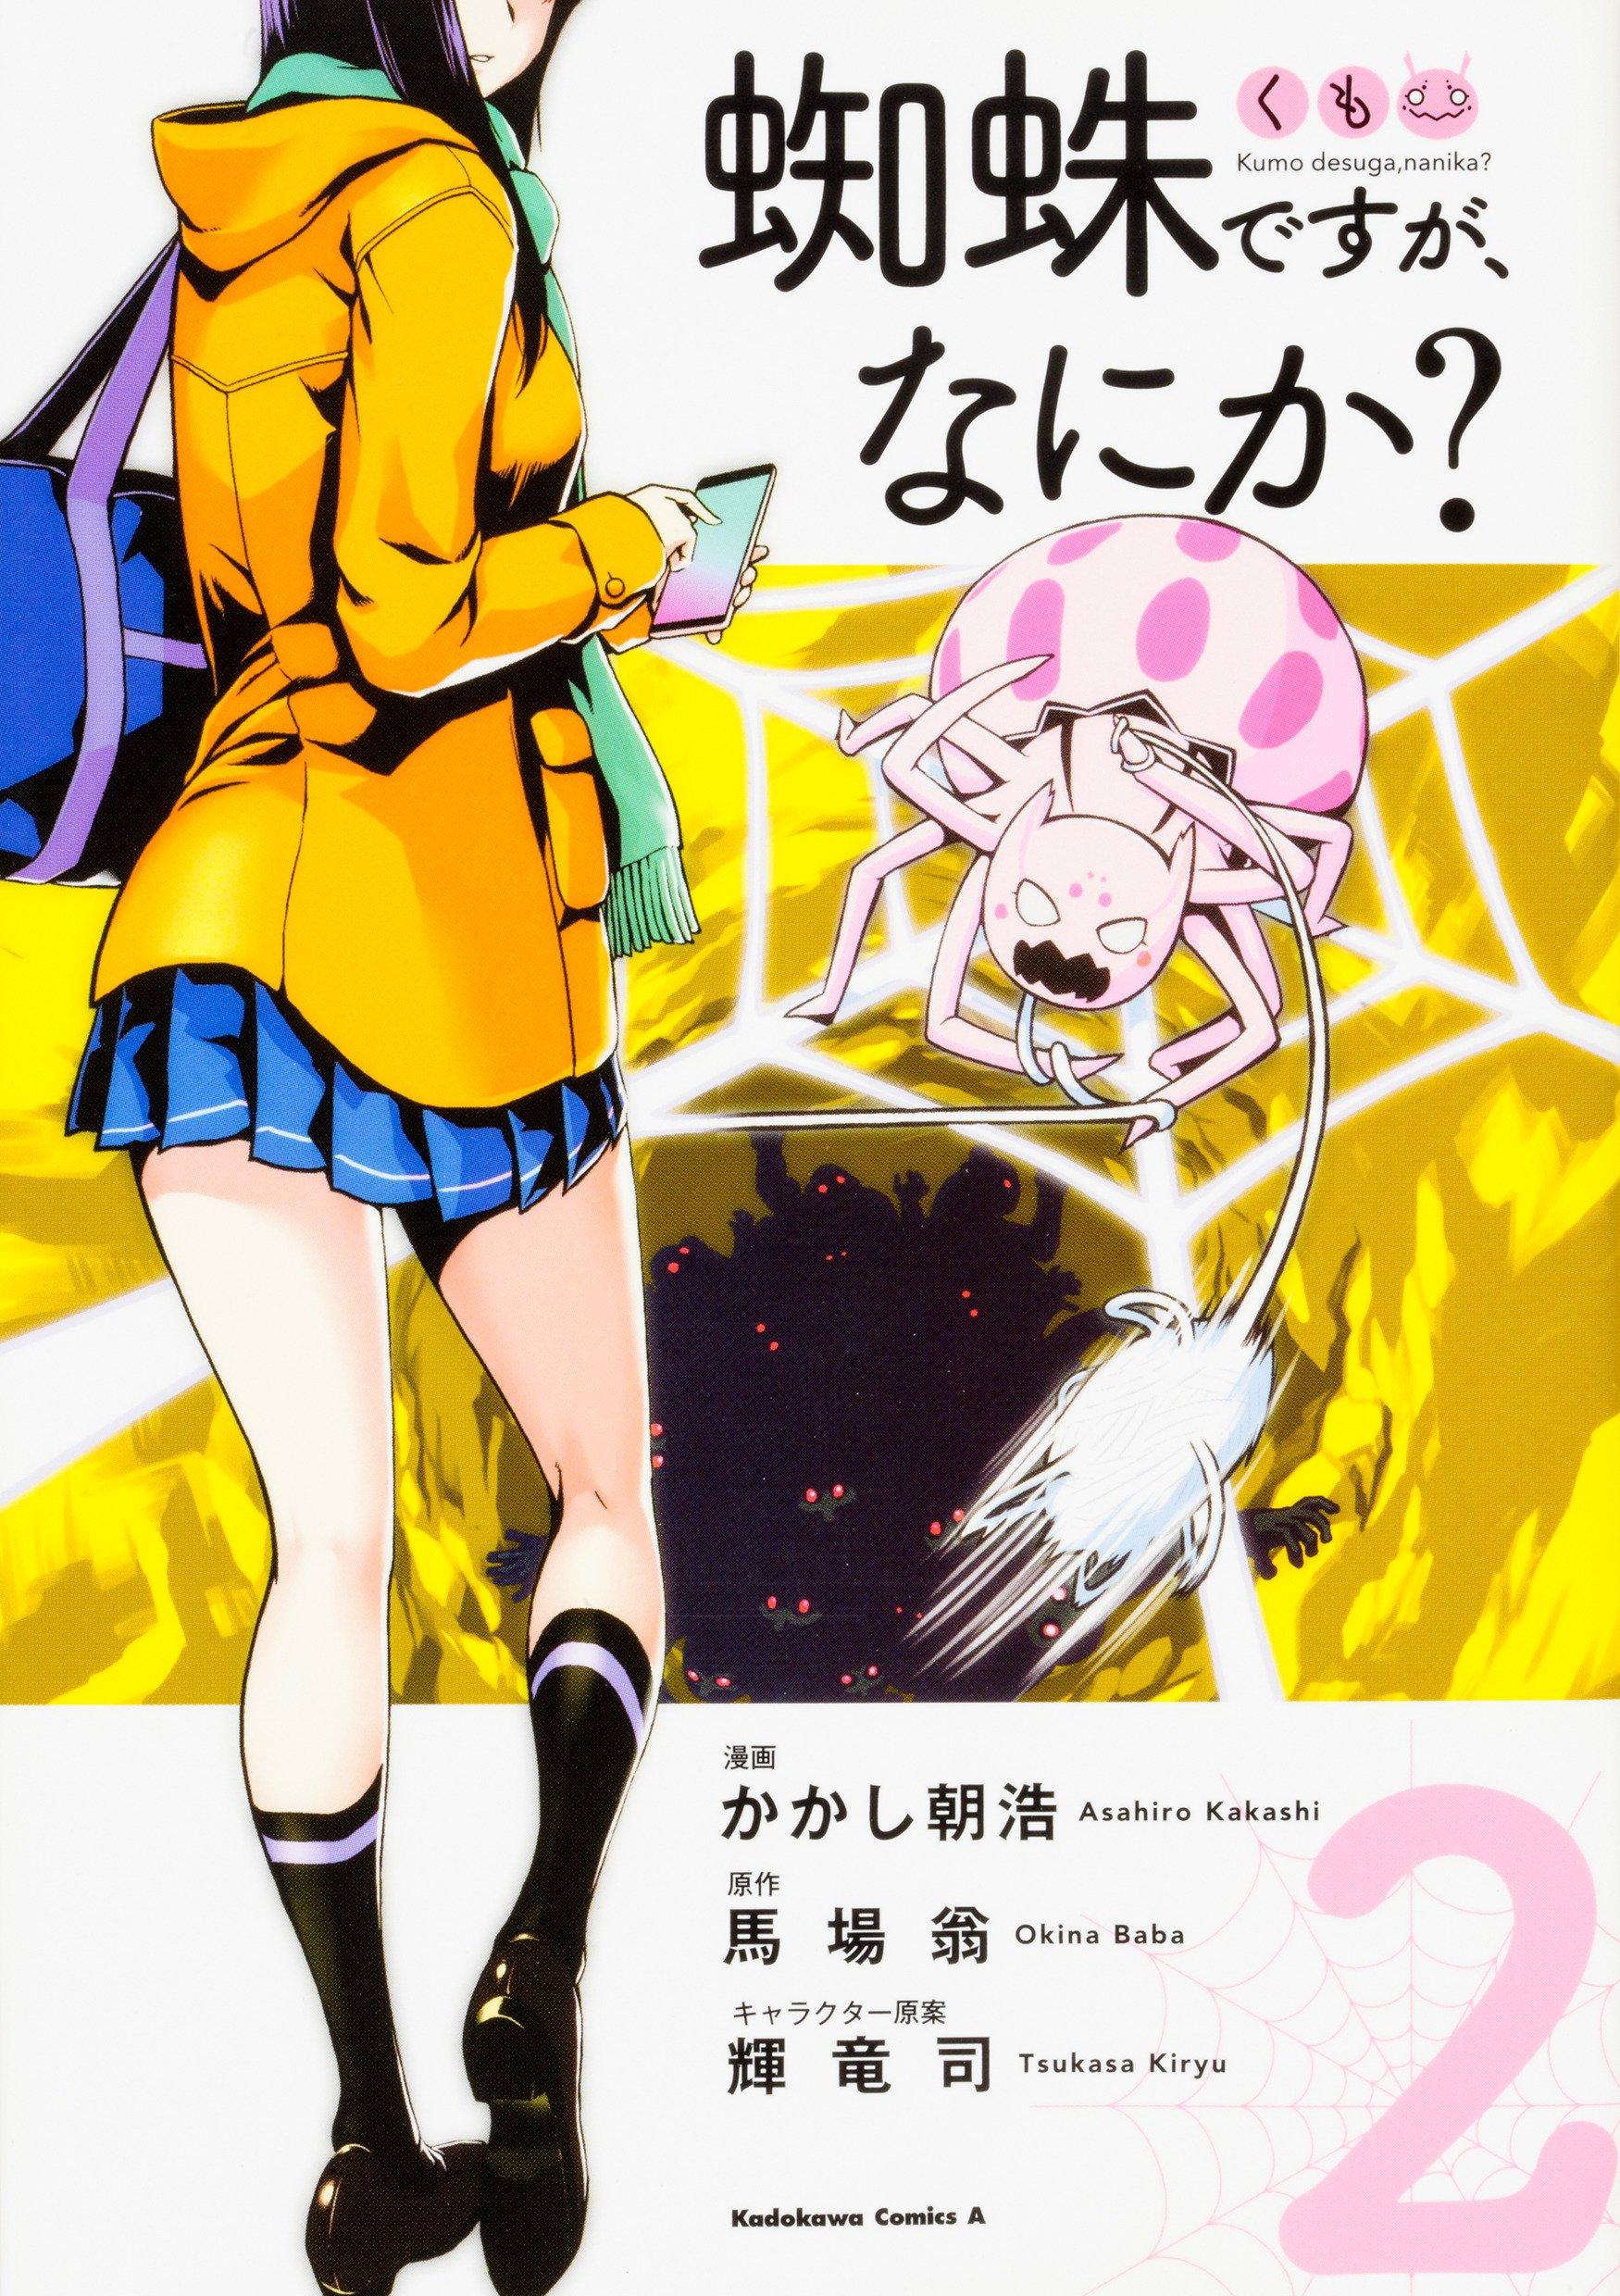 蜘蛛 です が なにか 漫画 蜘蛛ですが、なにか? - Wikipedia